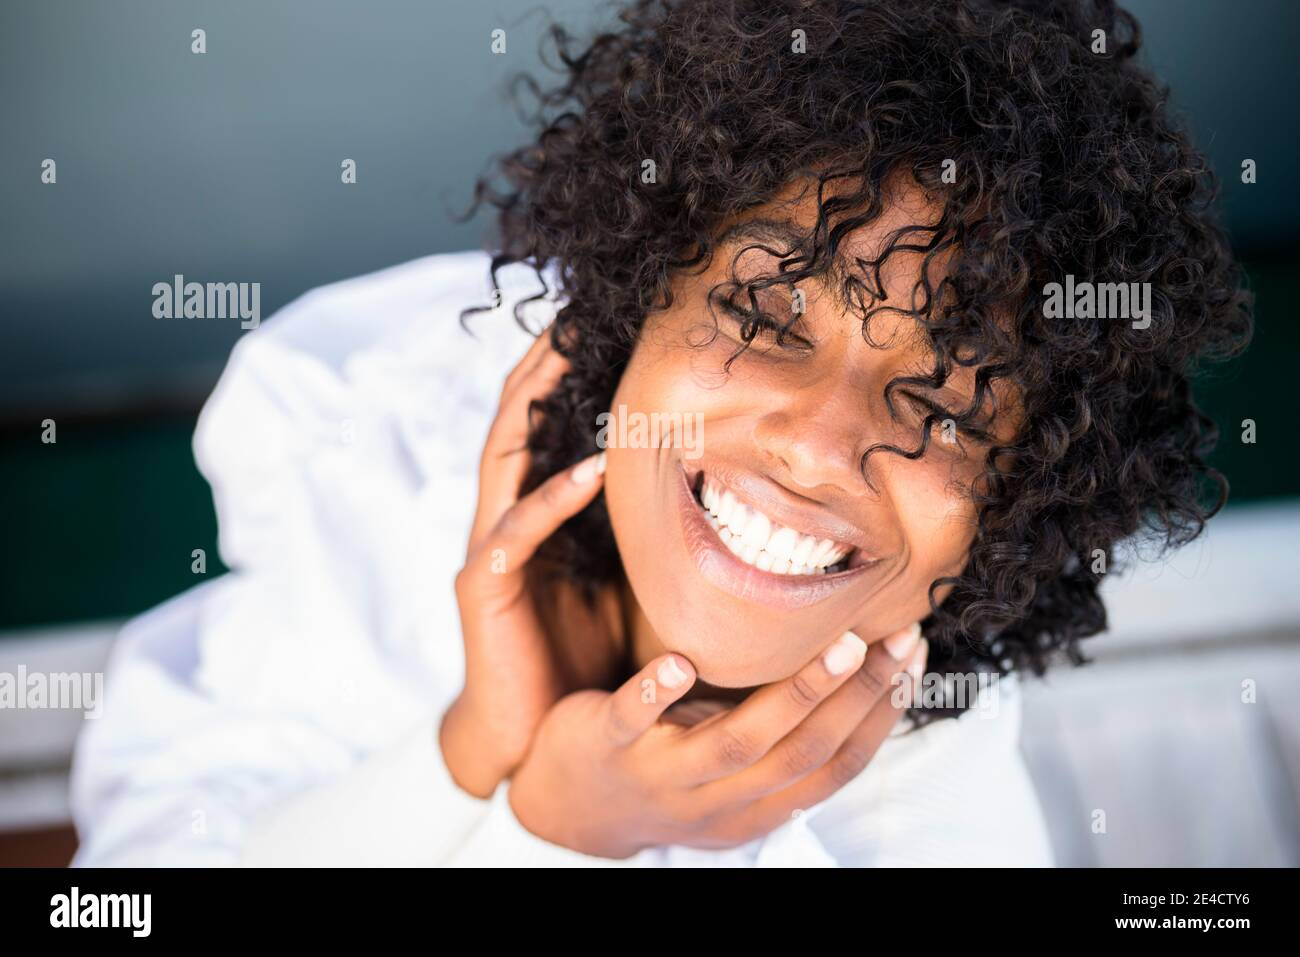 Alegre retrato de mujer joven feliz - negra africana hermosa chica sonría y disfrute de la cámara al aire libre - dientes perfectos y.. belleza de la piel y el cabello africano femenino Foto de stock